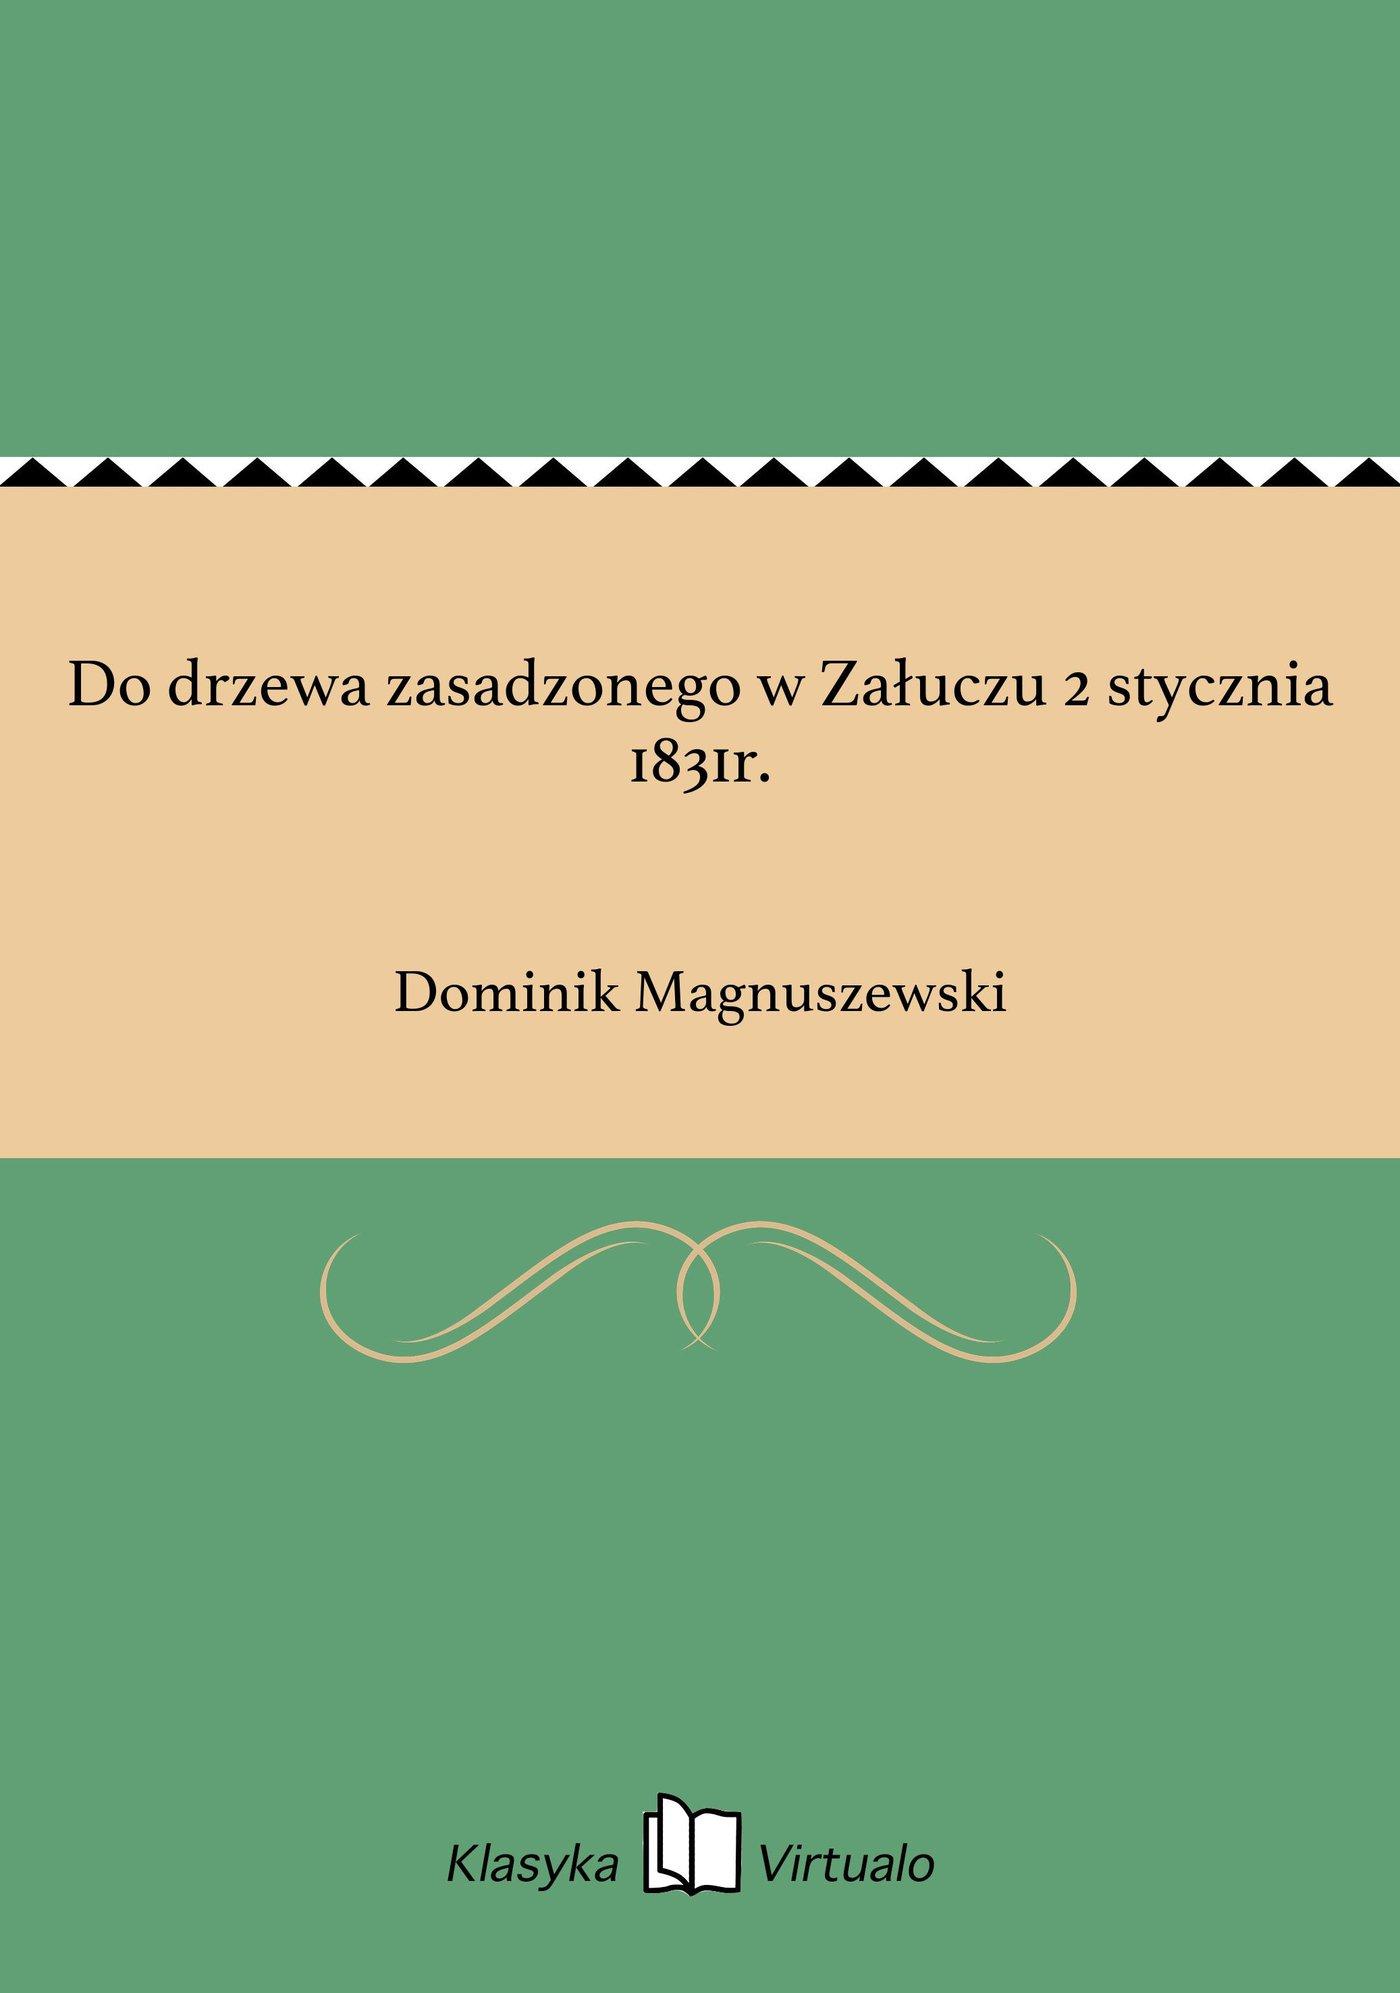 Do drzewa zasadzonego w Załuczu 2 stycznia 1831r. - Ebook (Książka EPUB) do pobrania w formacie EPUB